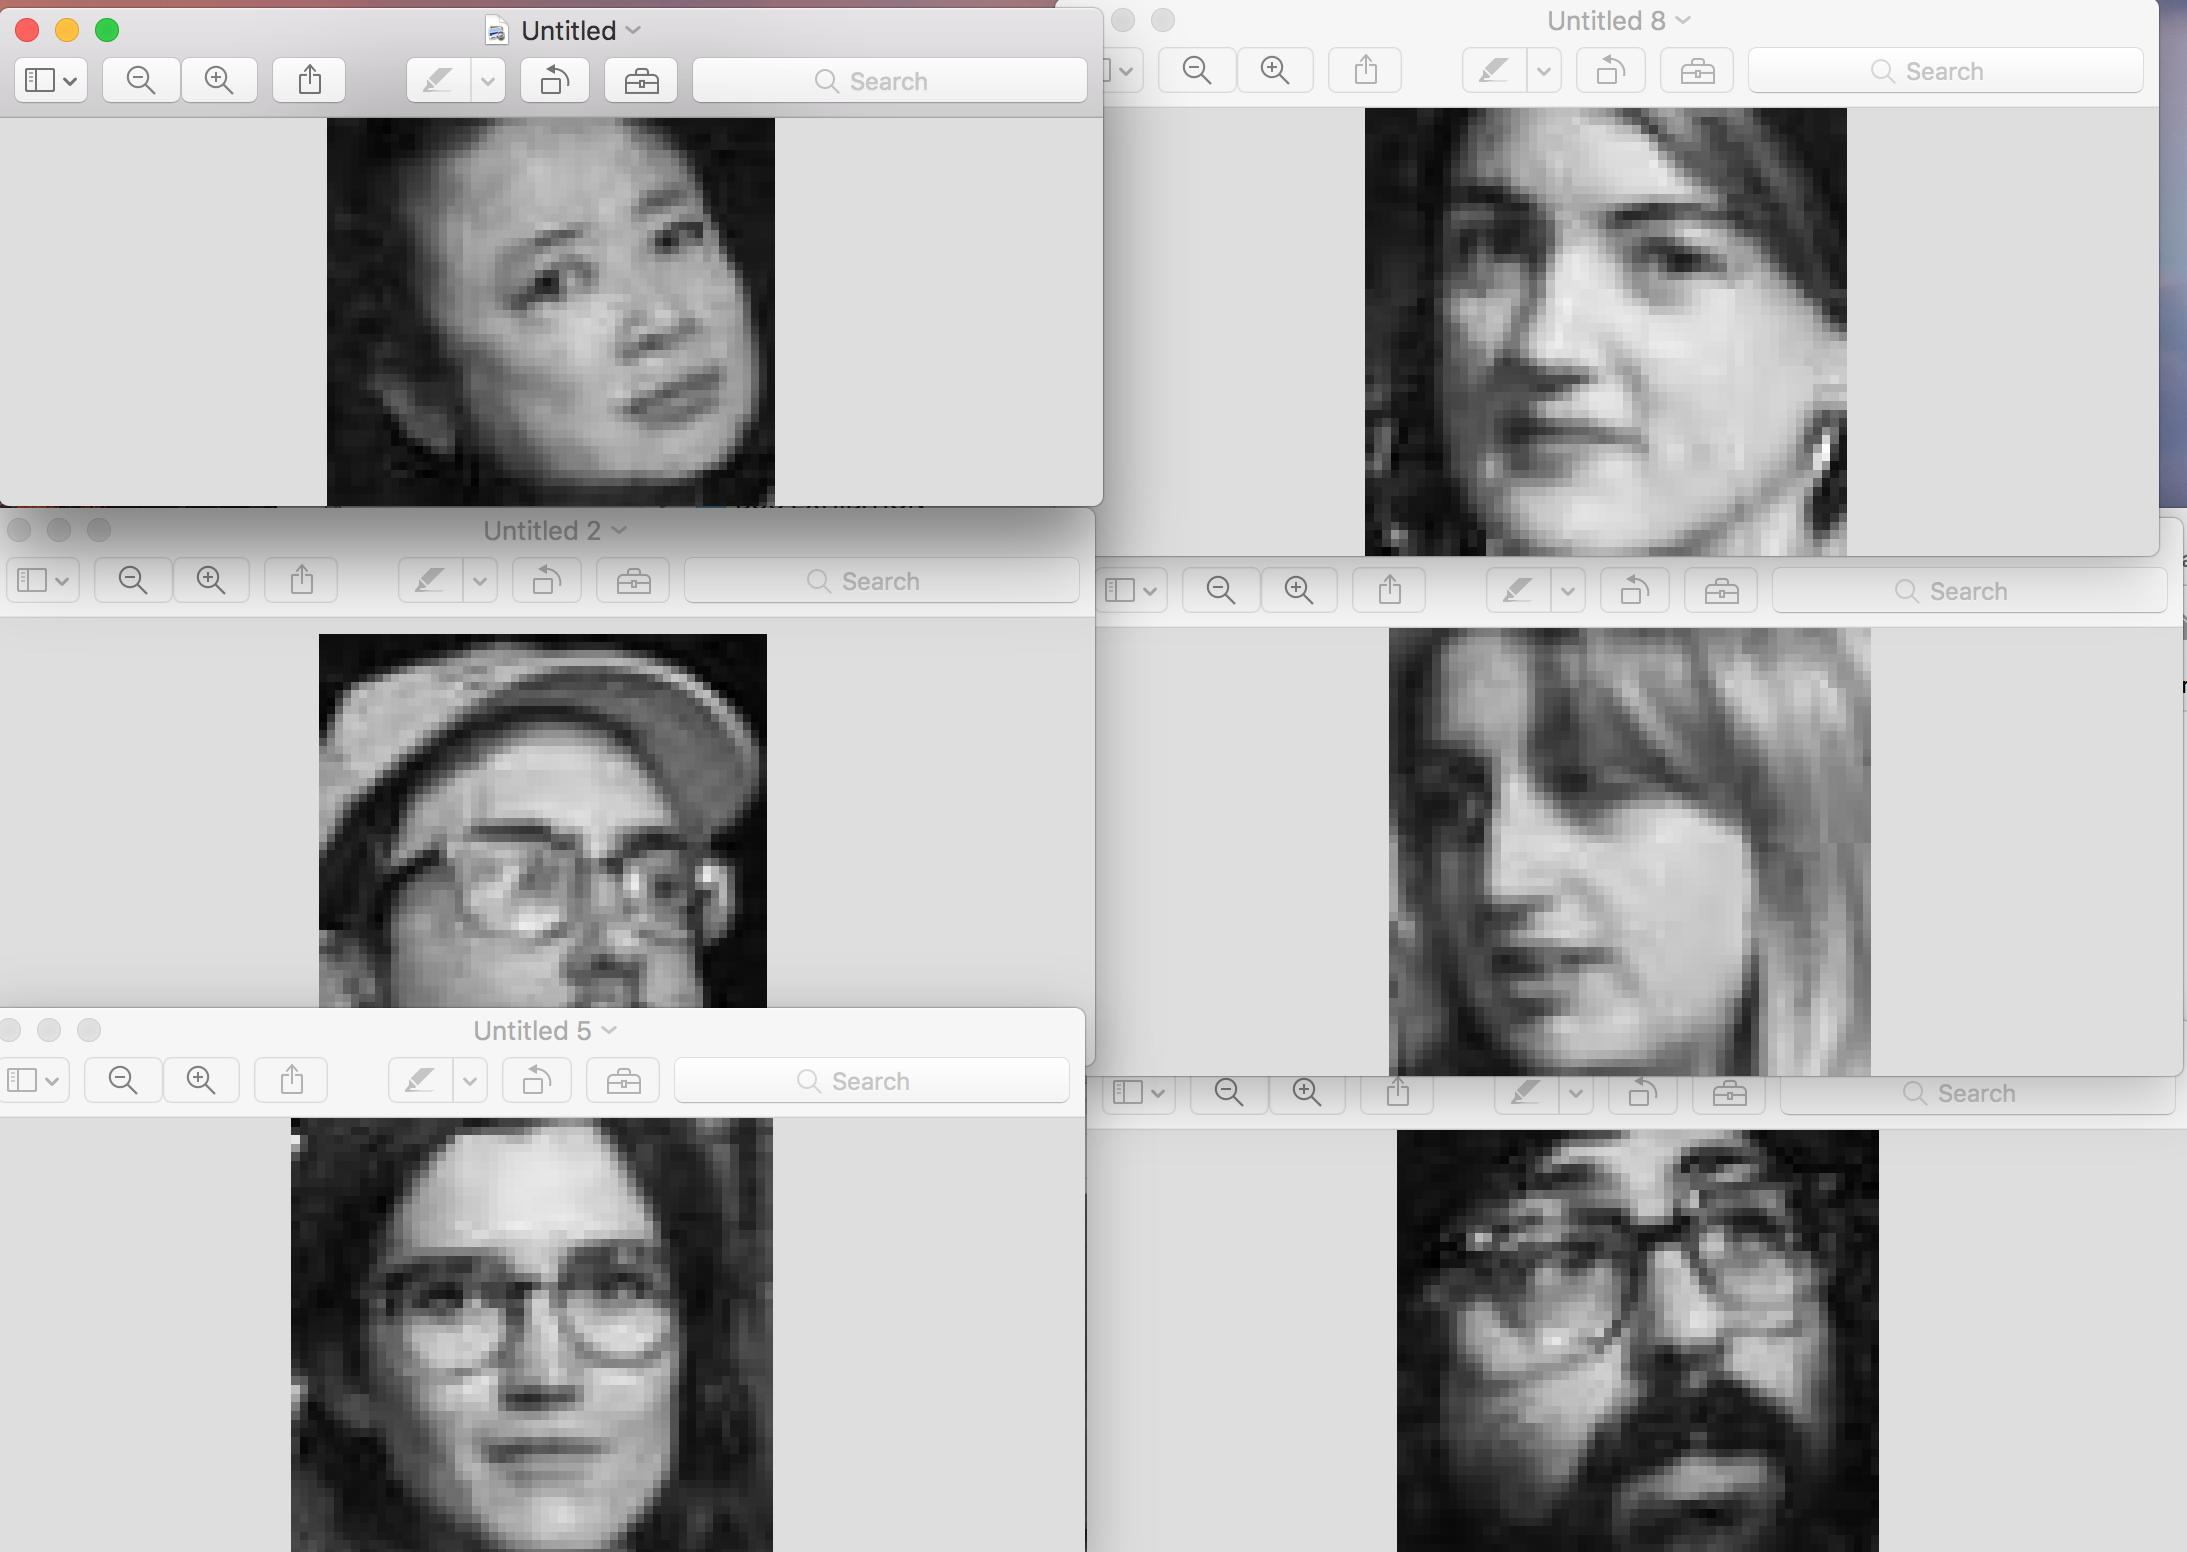 TBP-screen-cap-galore_2187.png